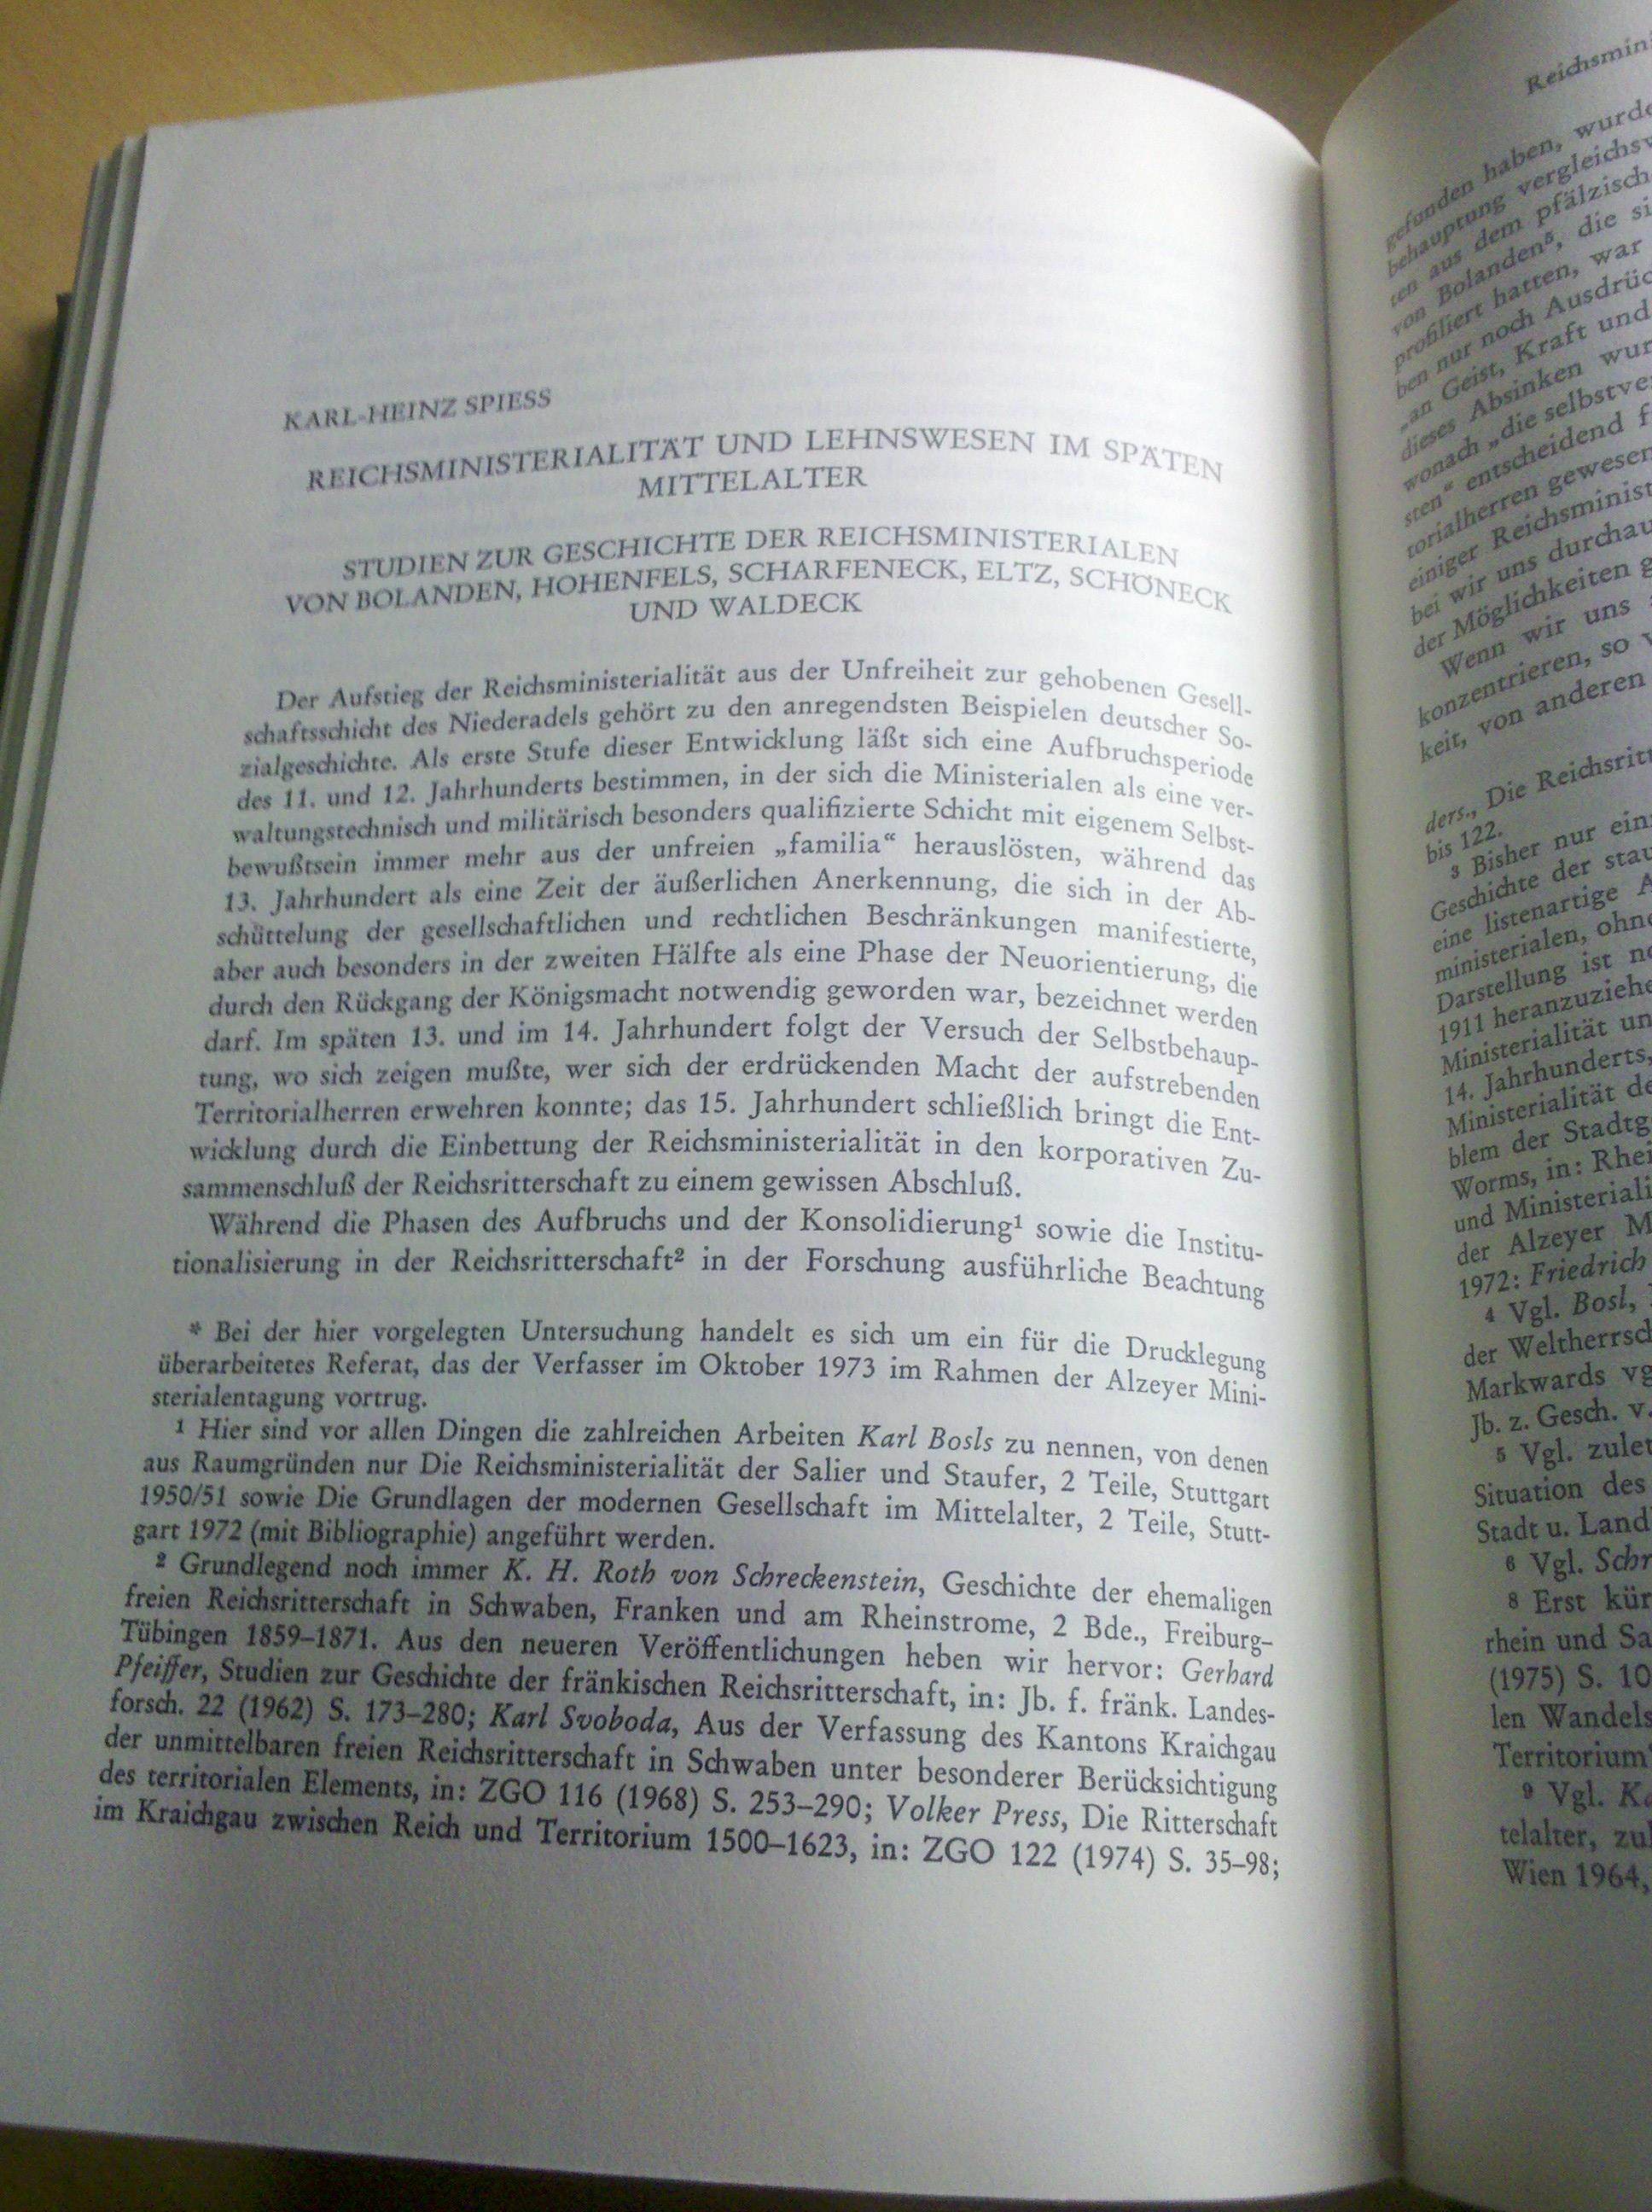 Neues Recherchematerial: Reichsministerialität und Lehnswesen im späten Mittelalter